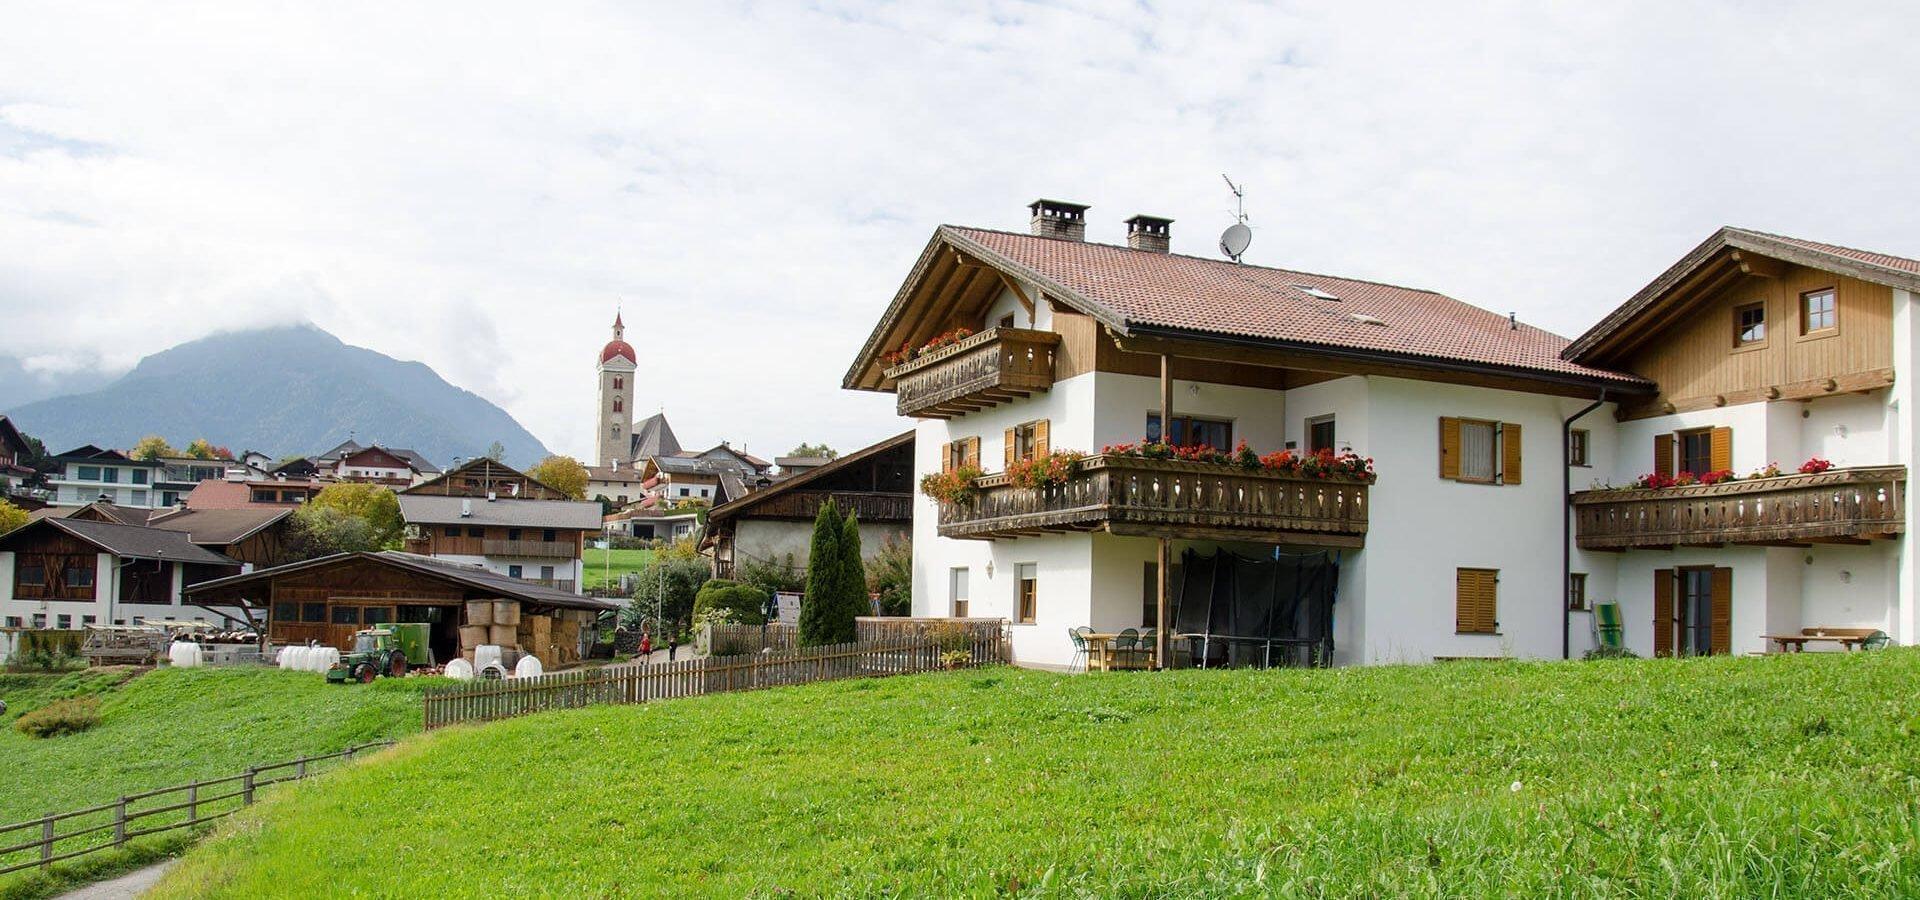 Der Grafhof in Natz/Schabs